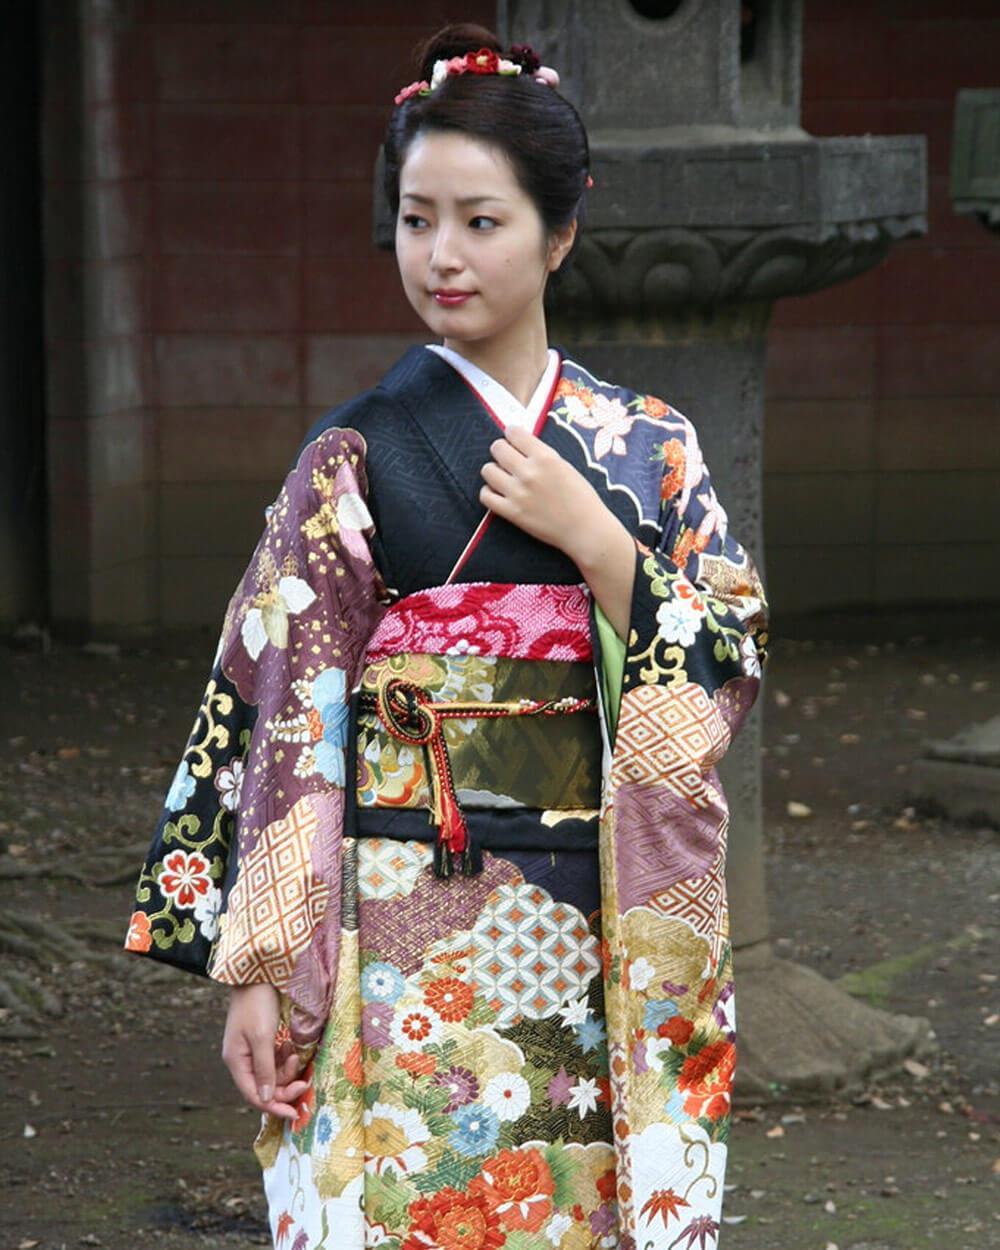 Kimono vs Yukata Left Over Right